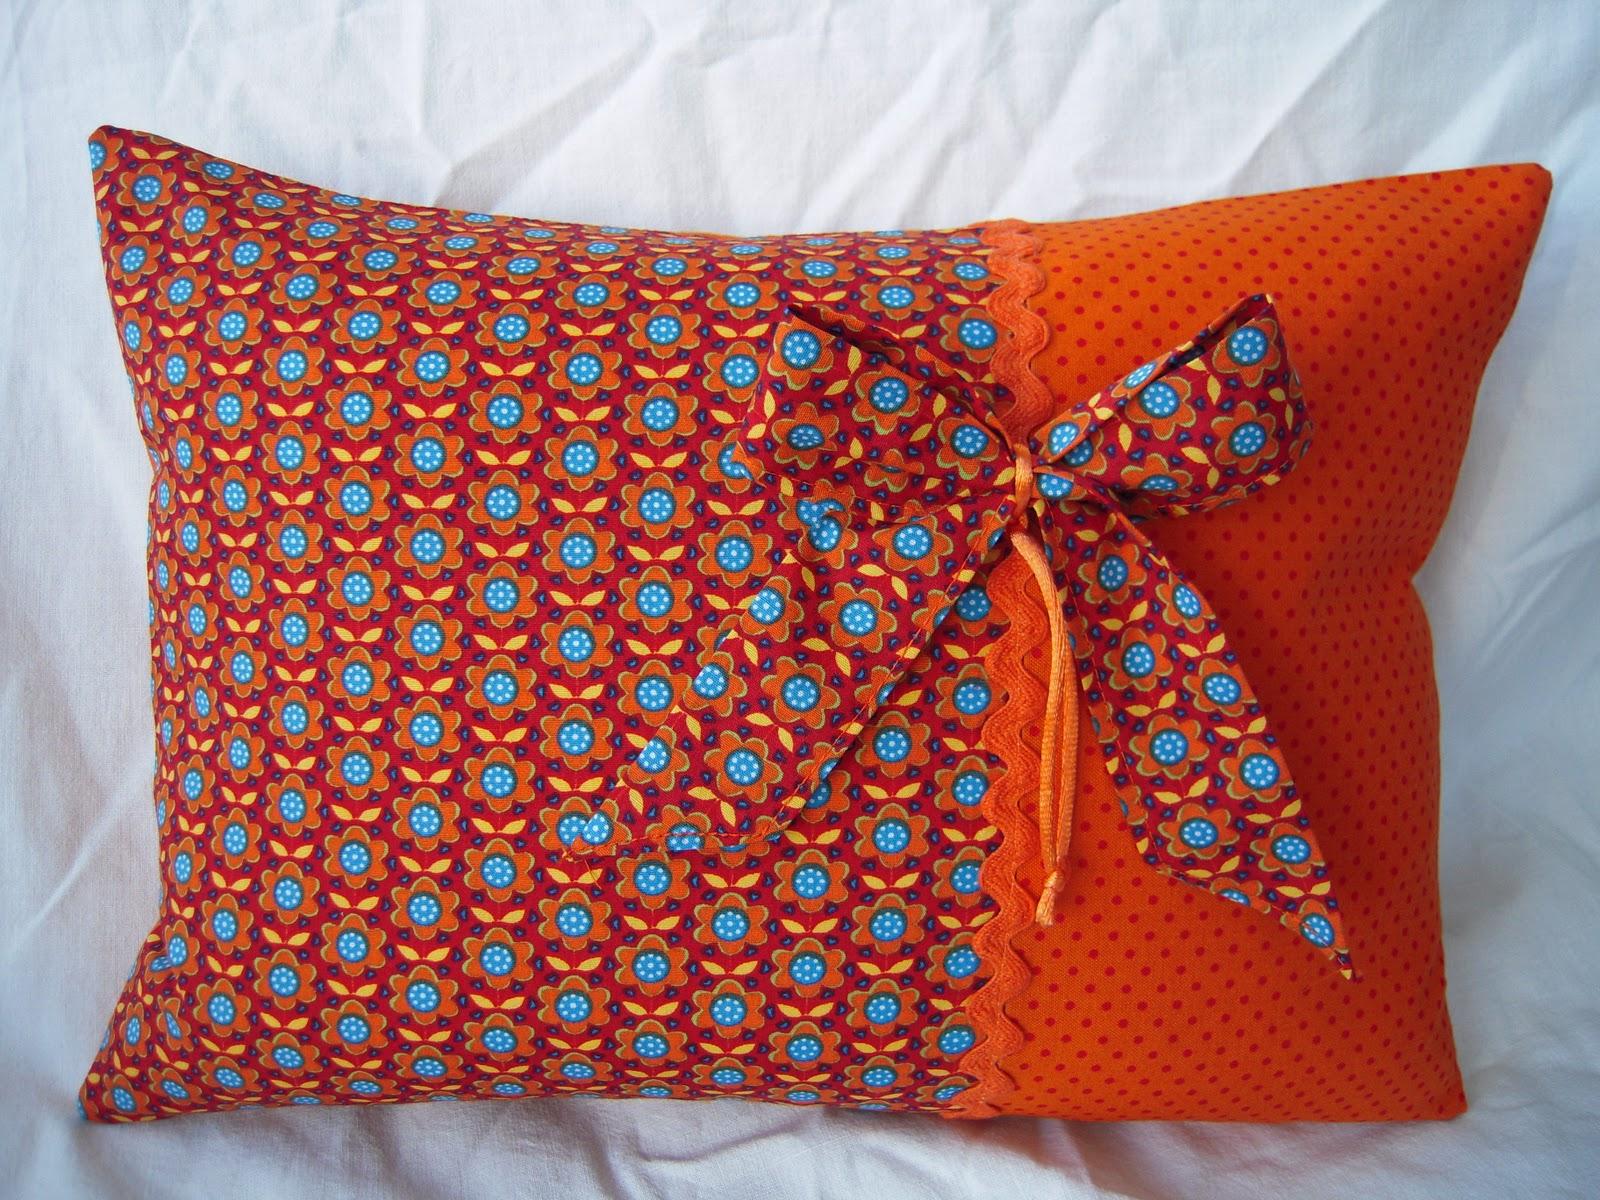 D'inge: zierpolster & co. (orange)